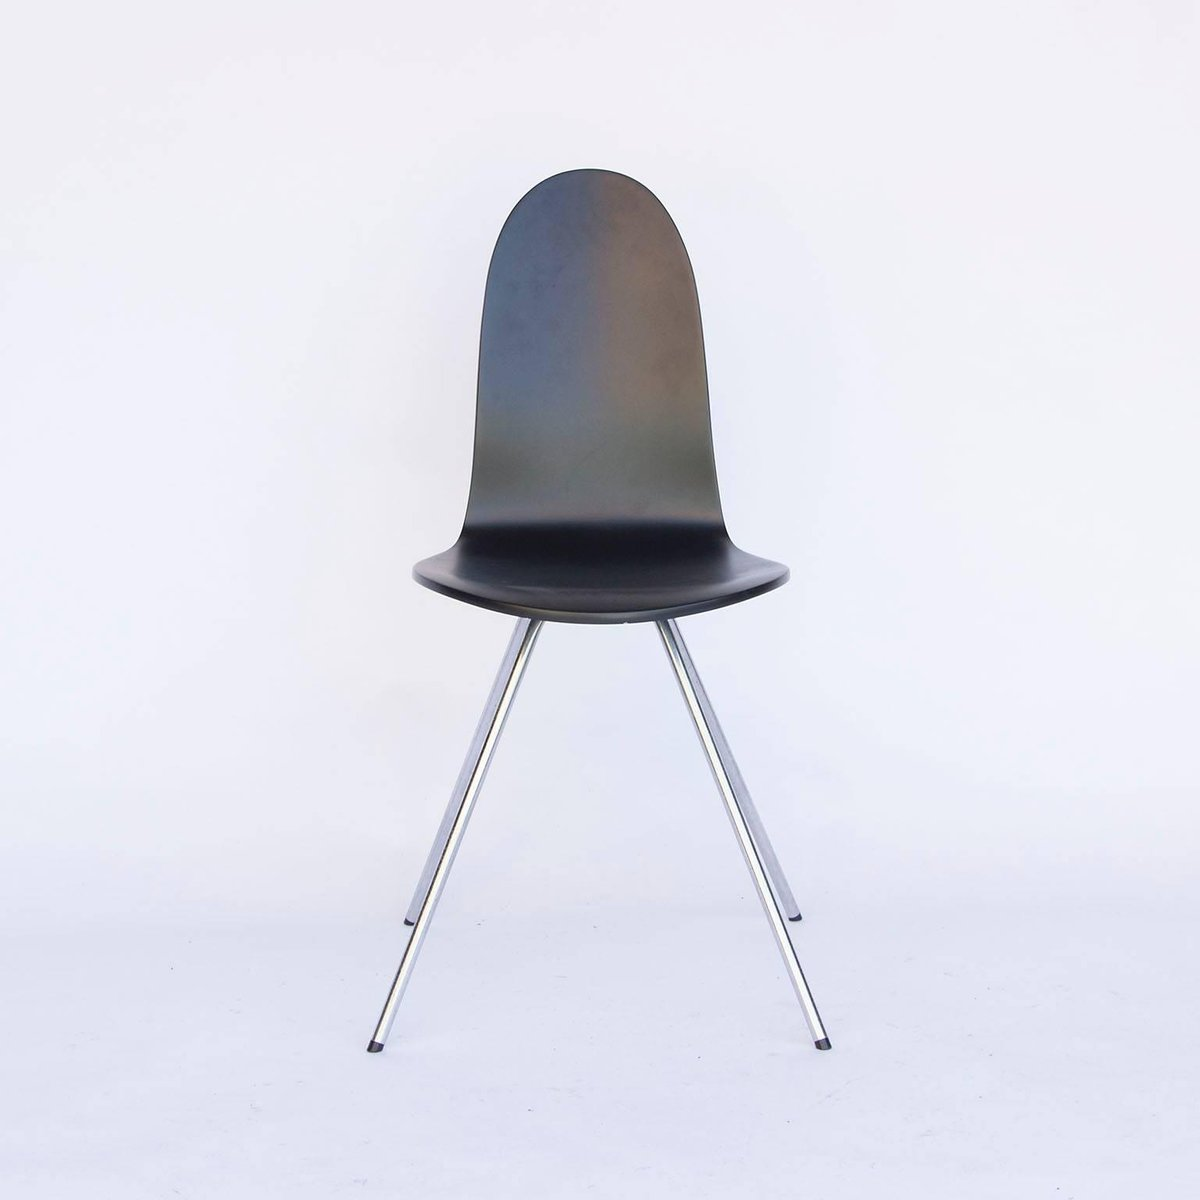 schwarz lackierter vintage tongue stuhl von arne jacobsen. Black Bedroom Furniture Sets. Home Design Ideas